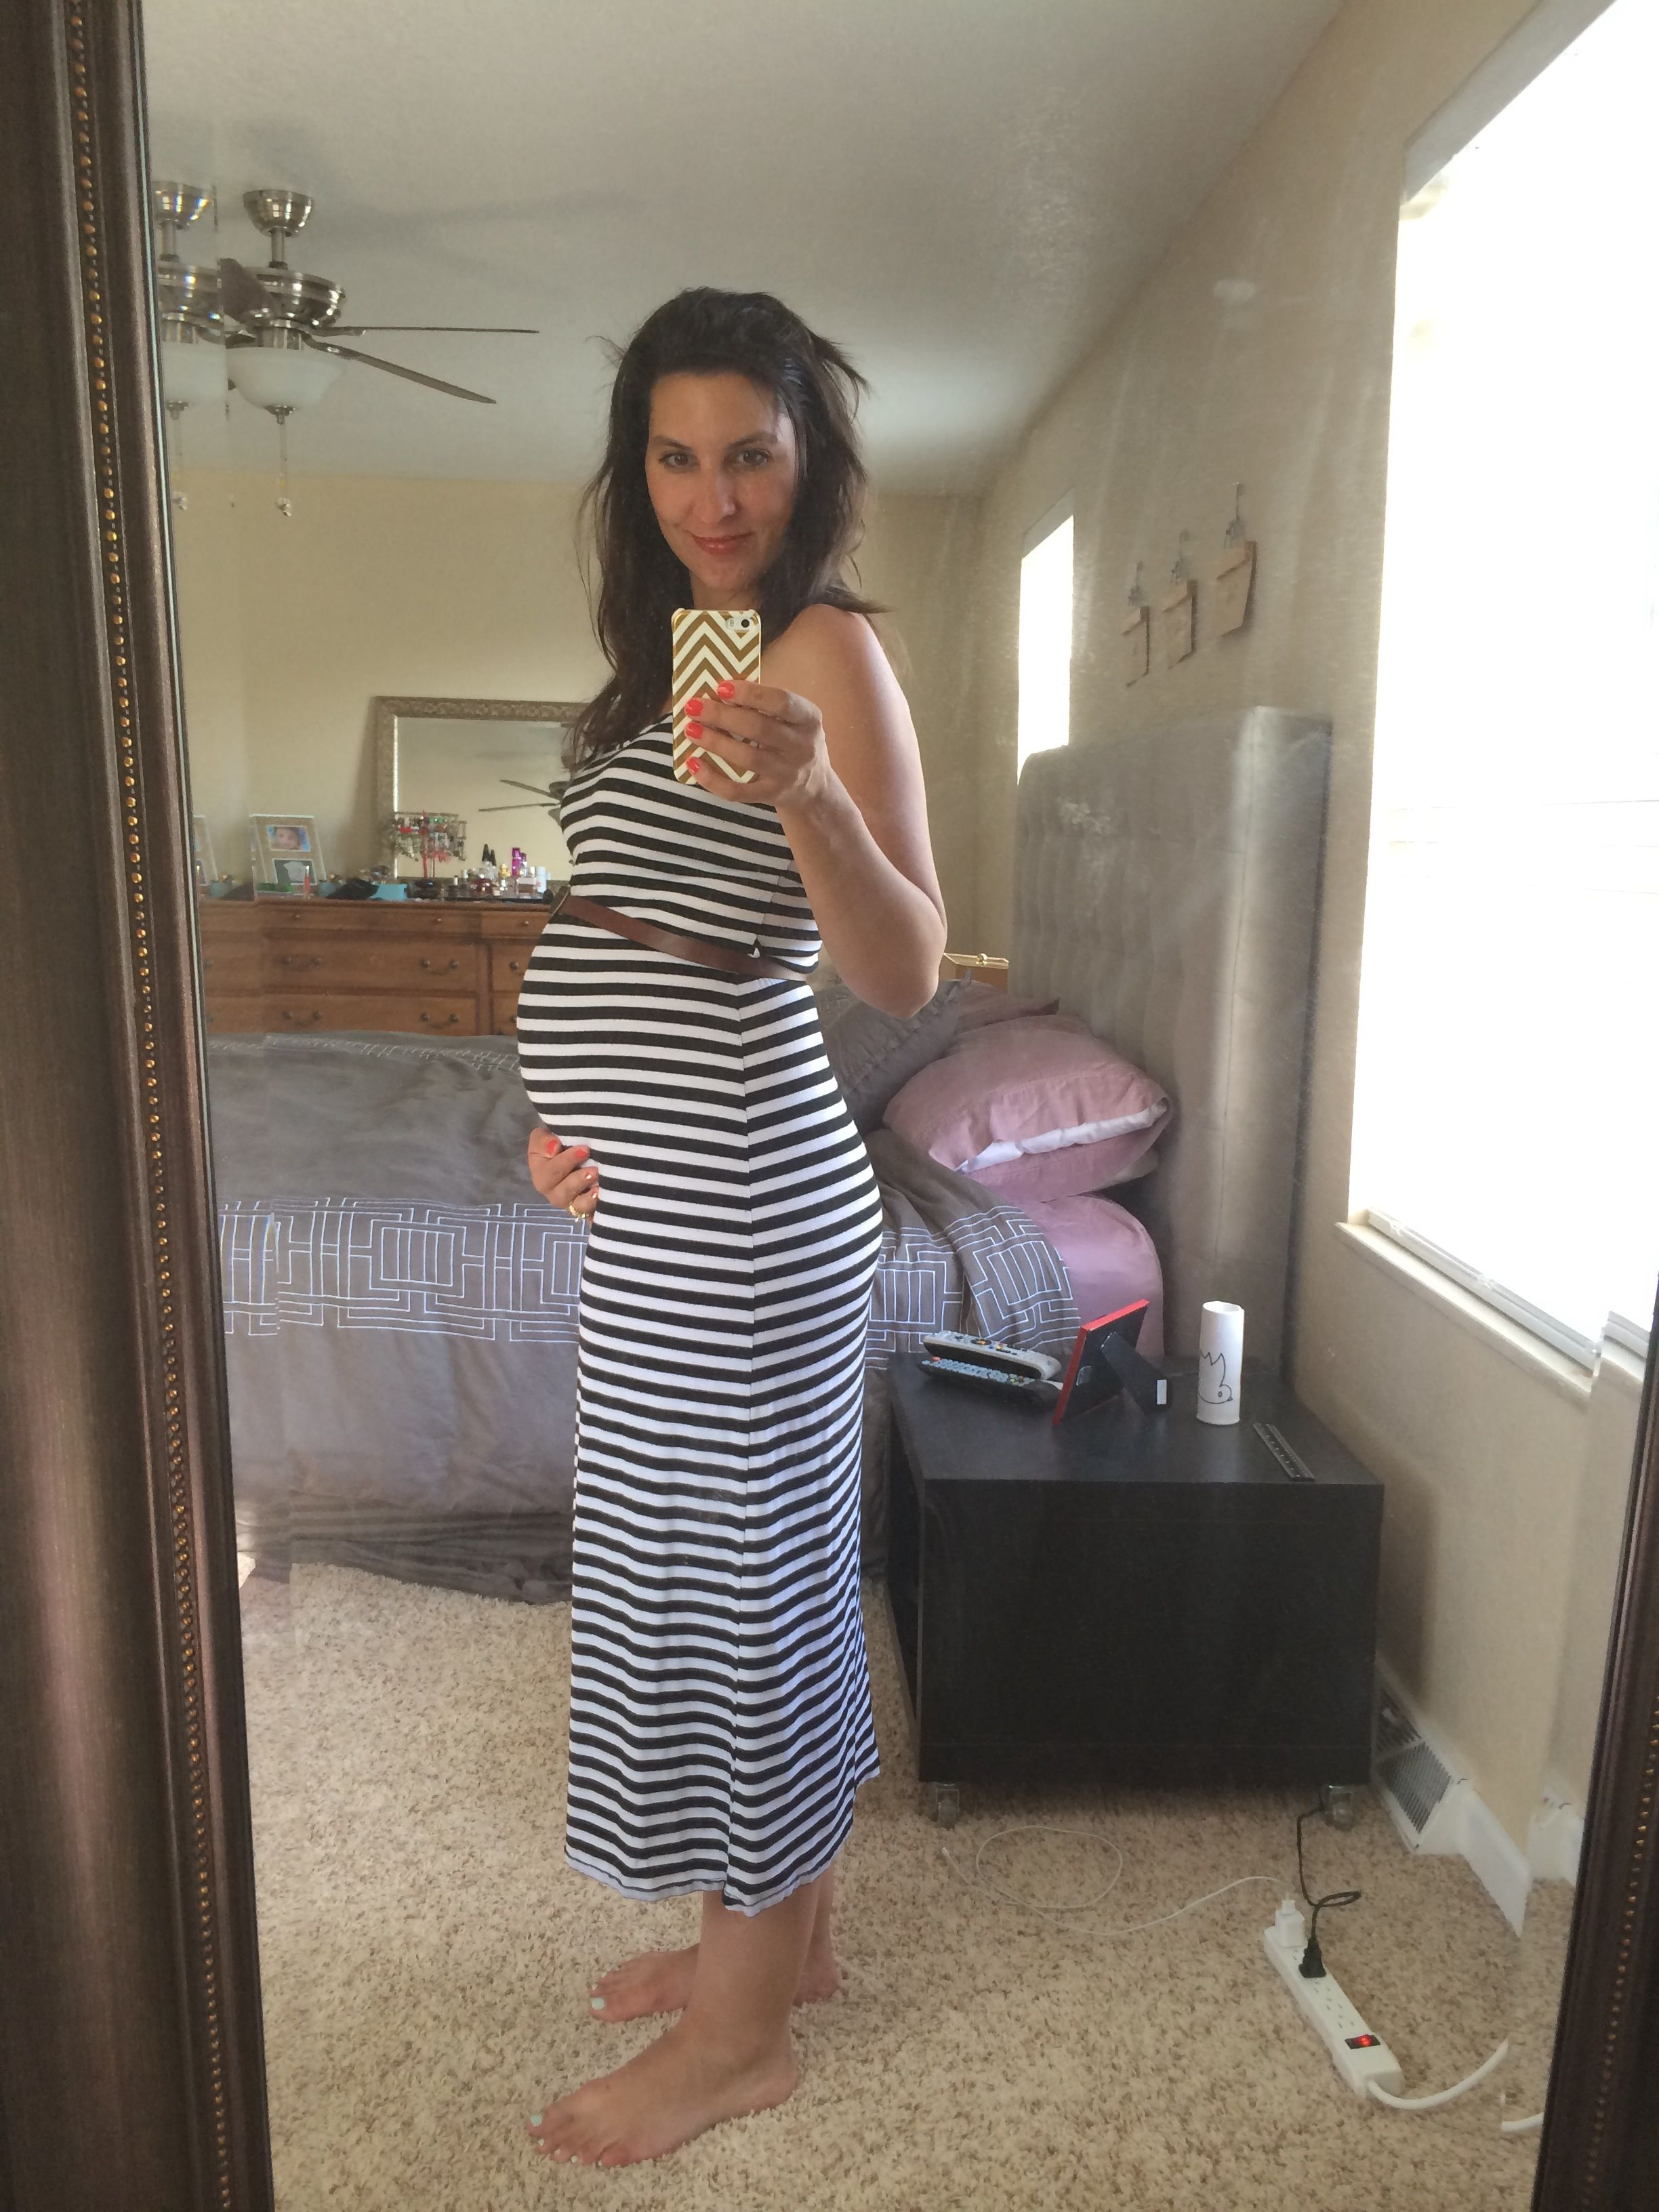 bump style stripes